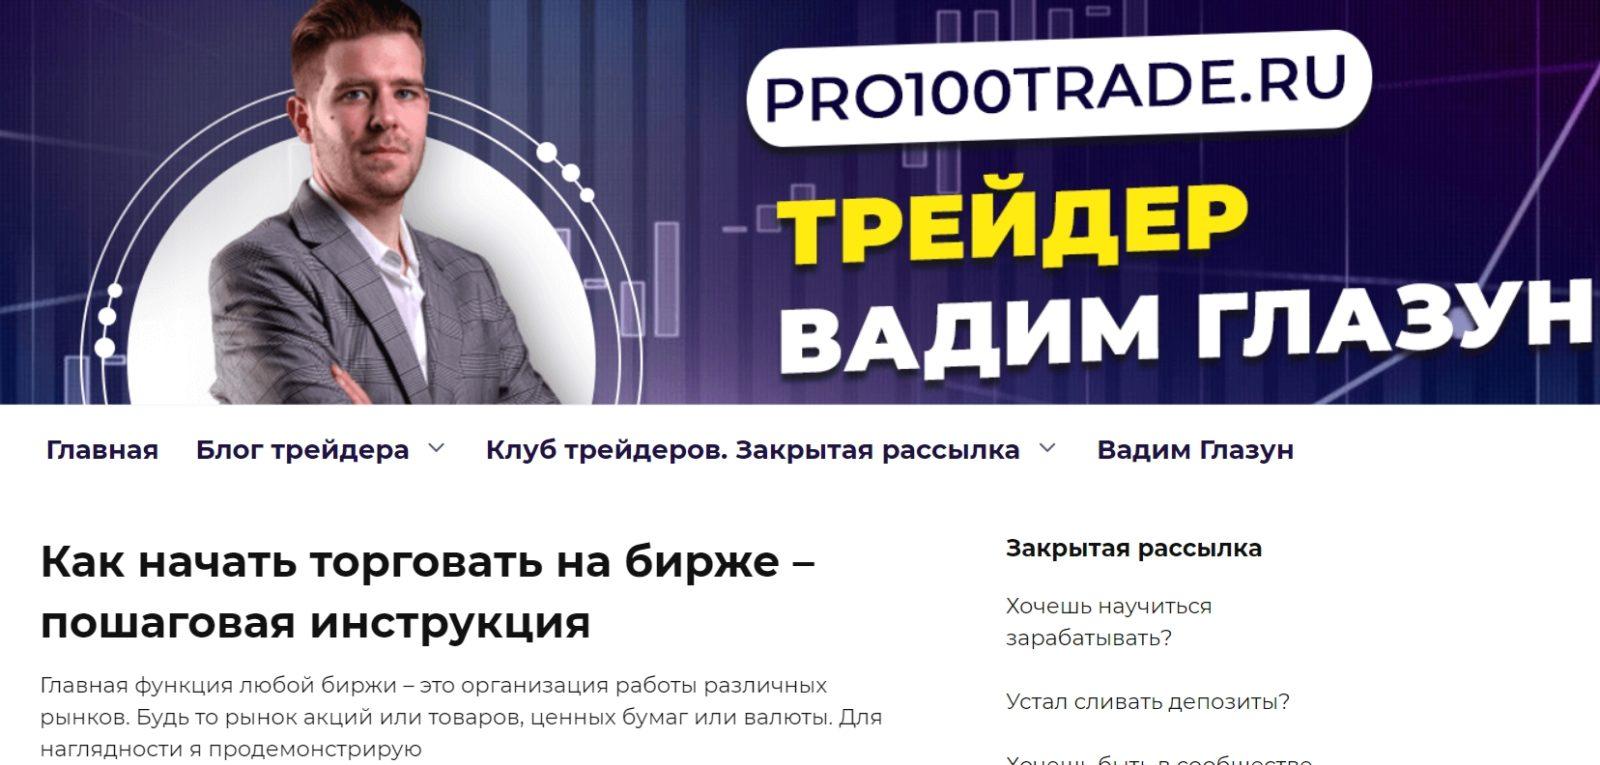 Блог Вадима Глазуна